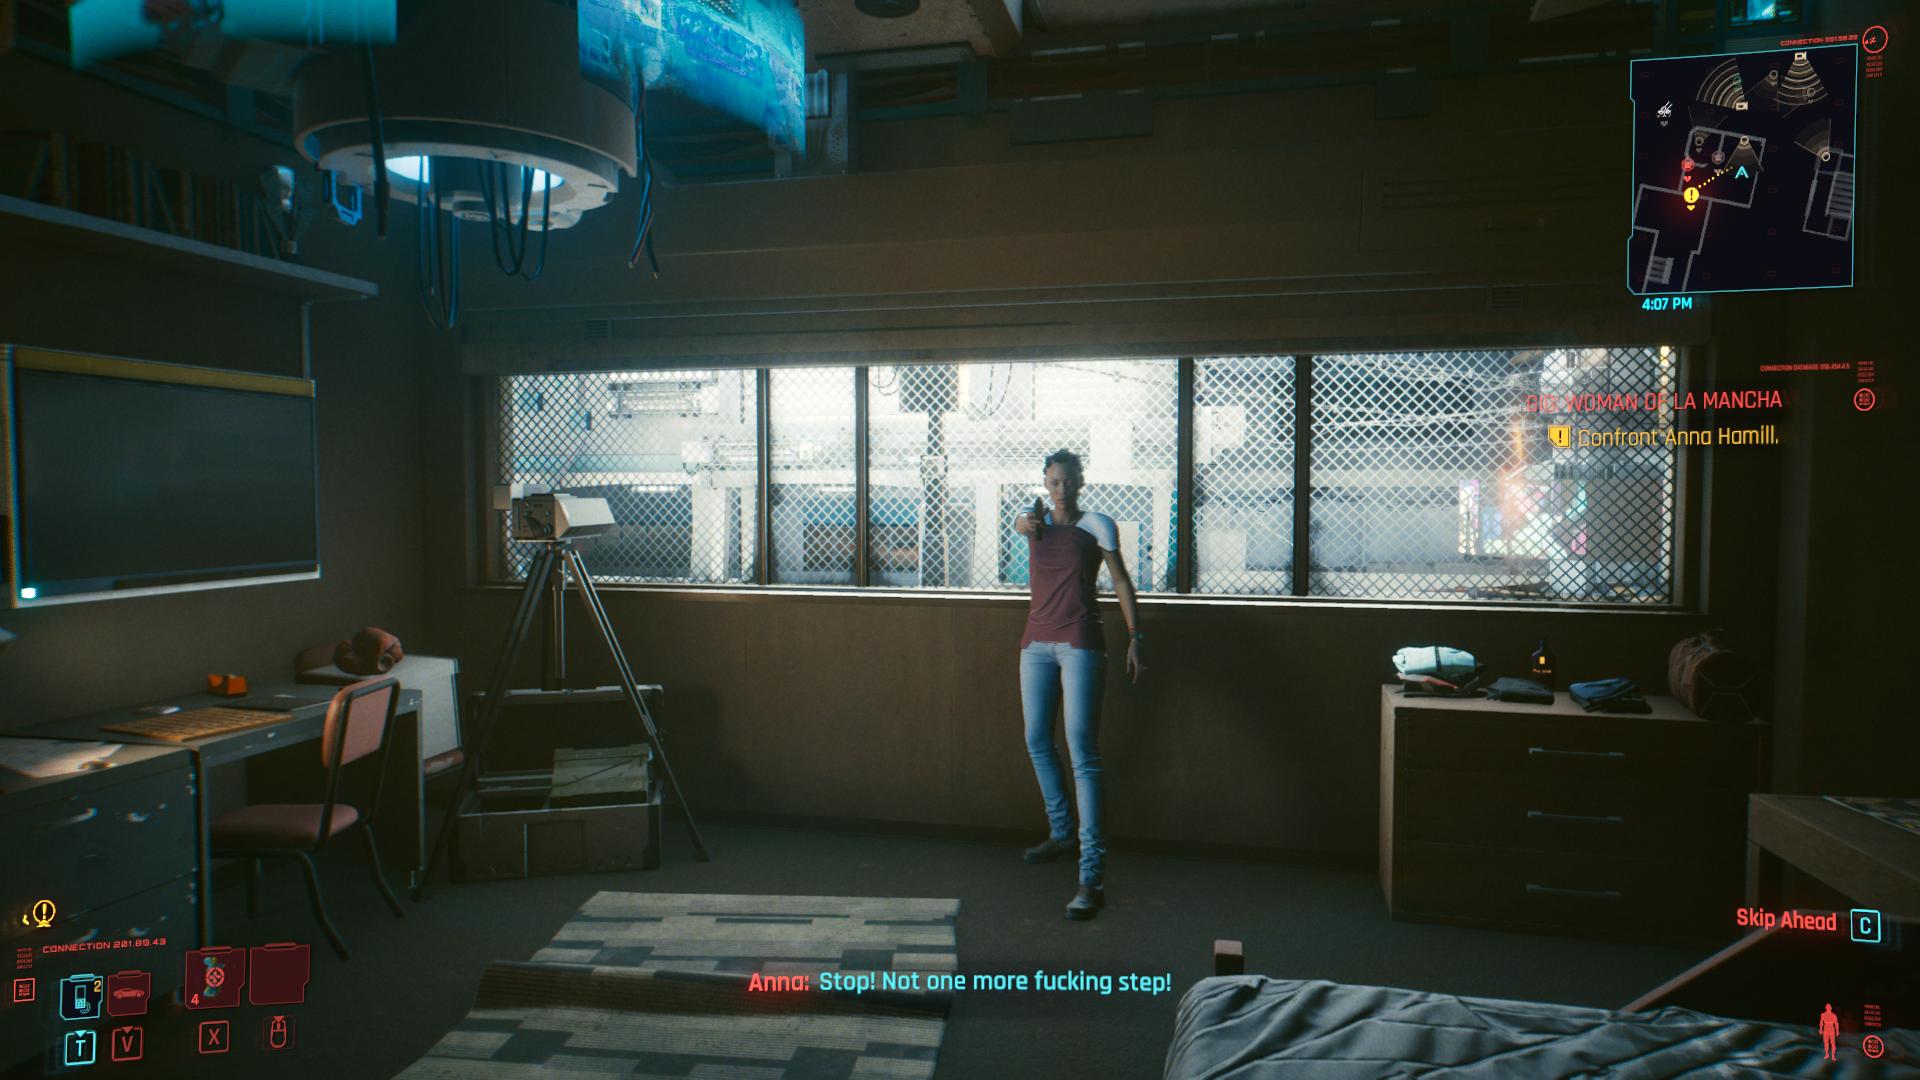 Comment retrouver Anna Hamill dans Woman of La Mancha dans Cyberpunk 2077